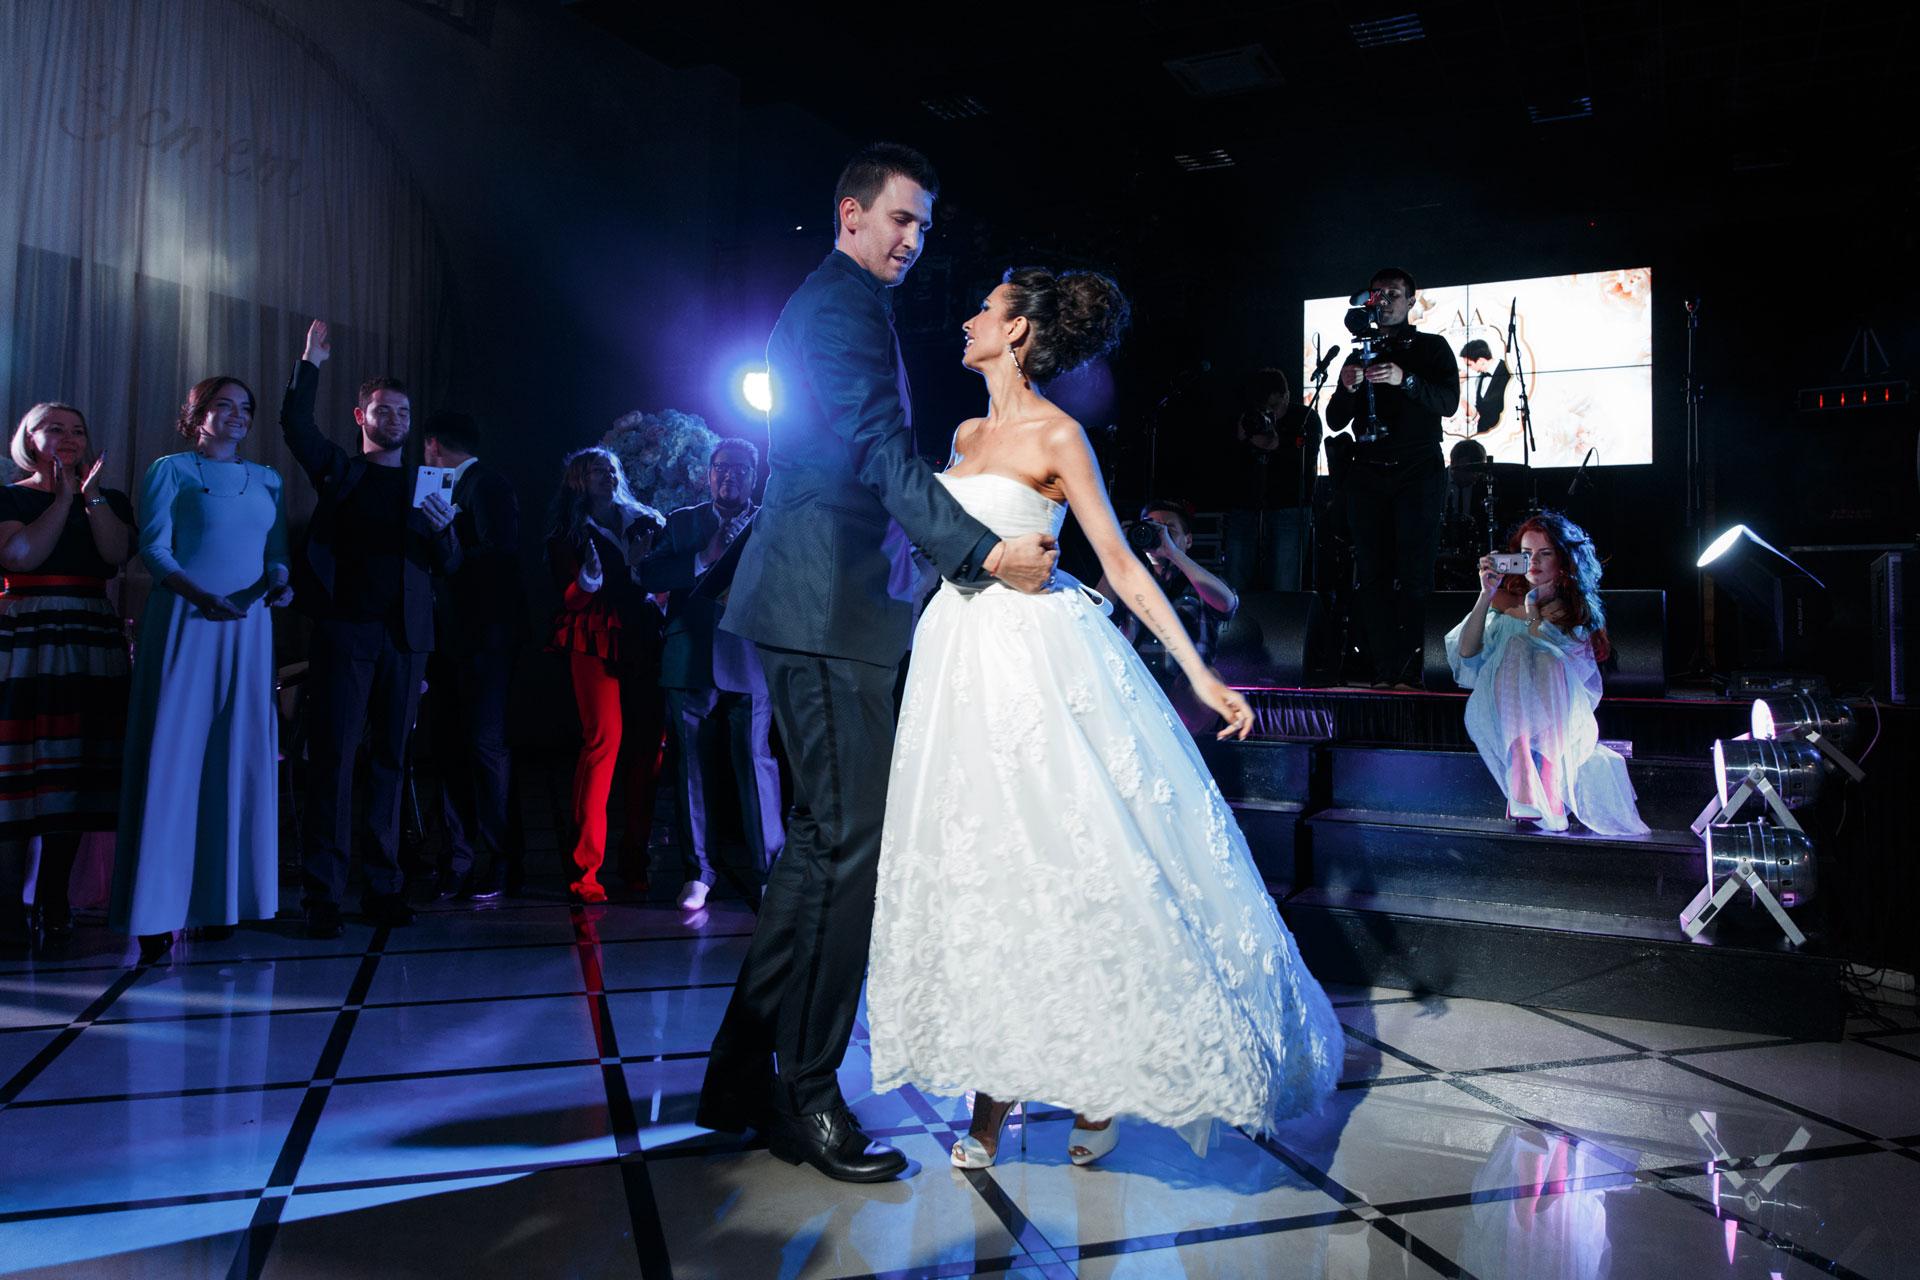 Пионовая свадьба. Свадьба Анны Грачевской и Артема Кузякина фото 11